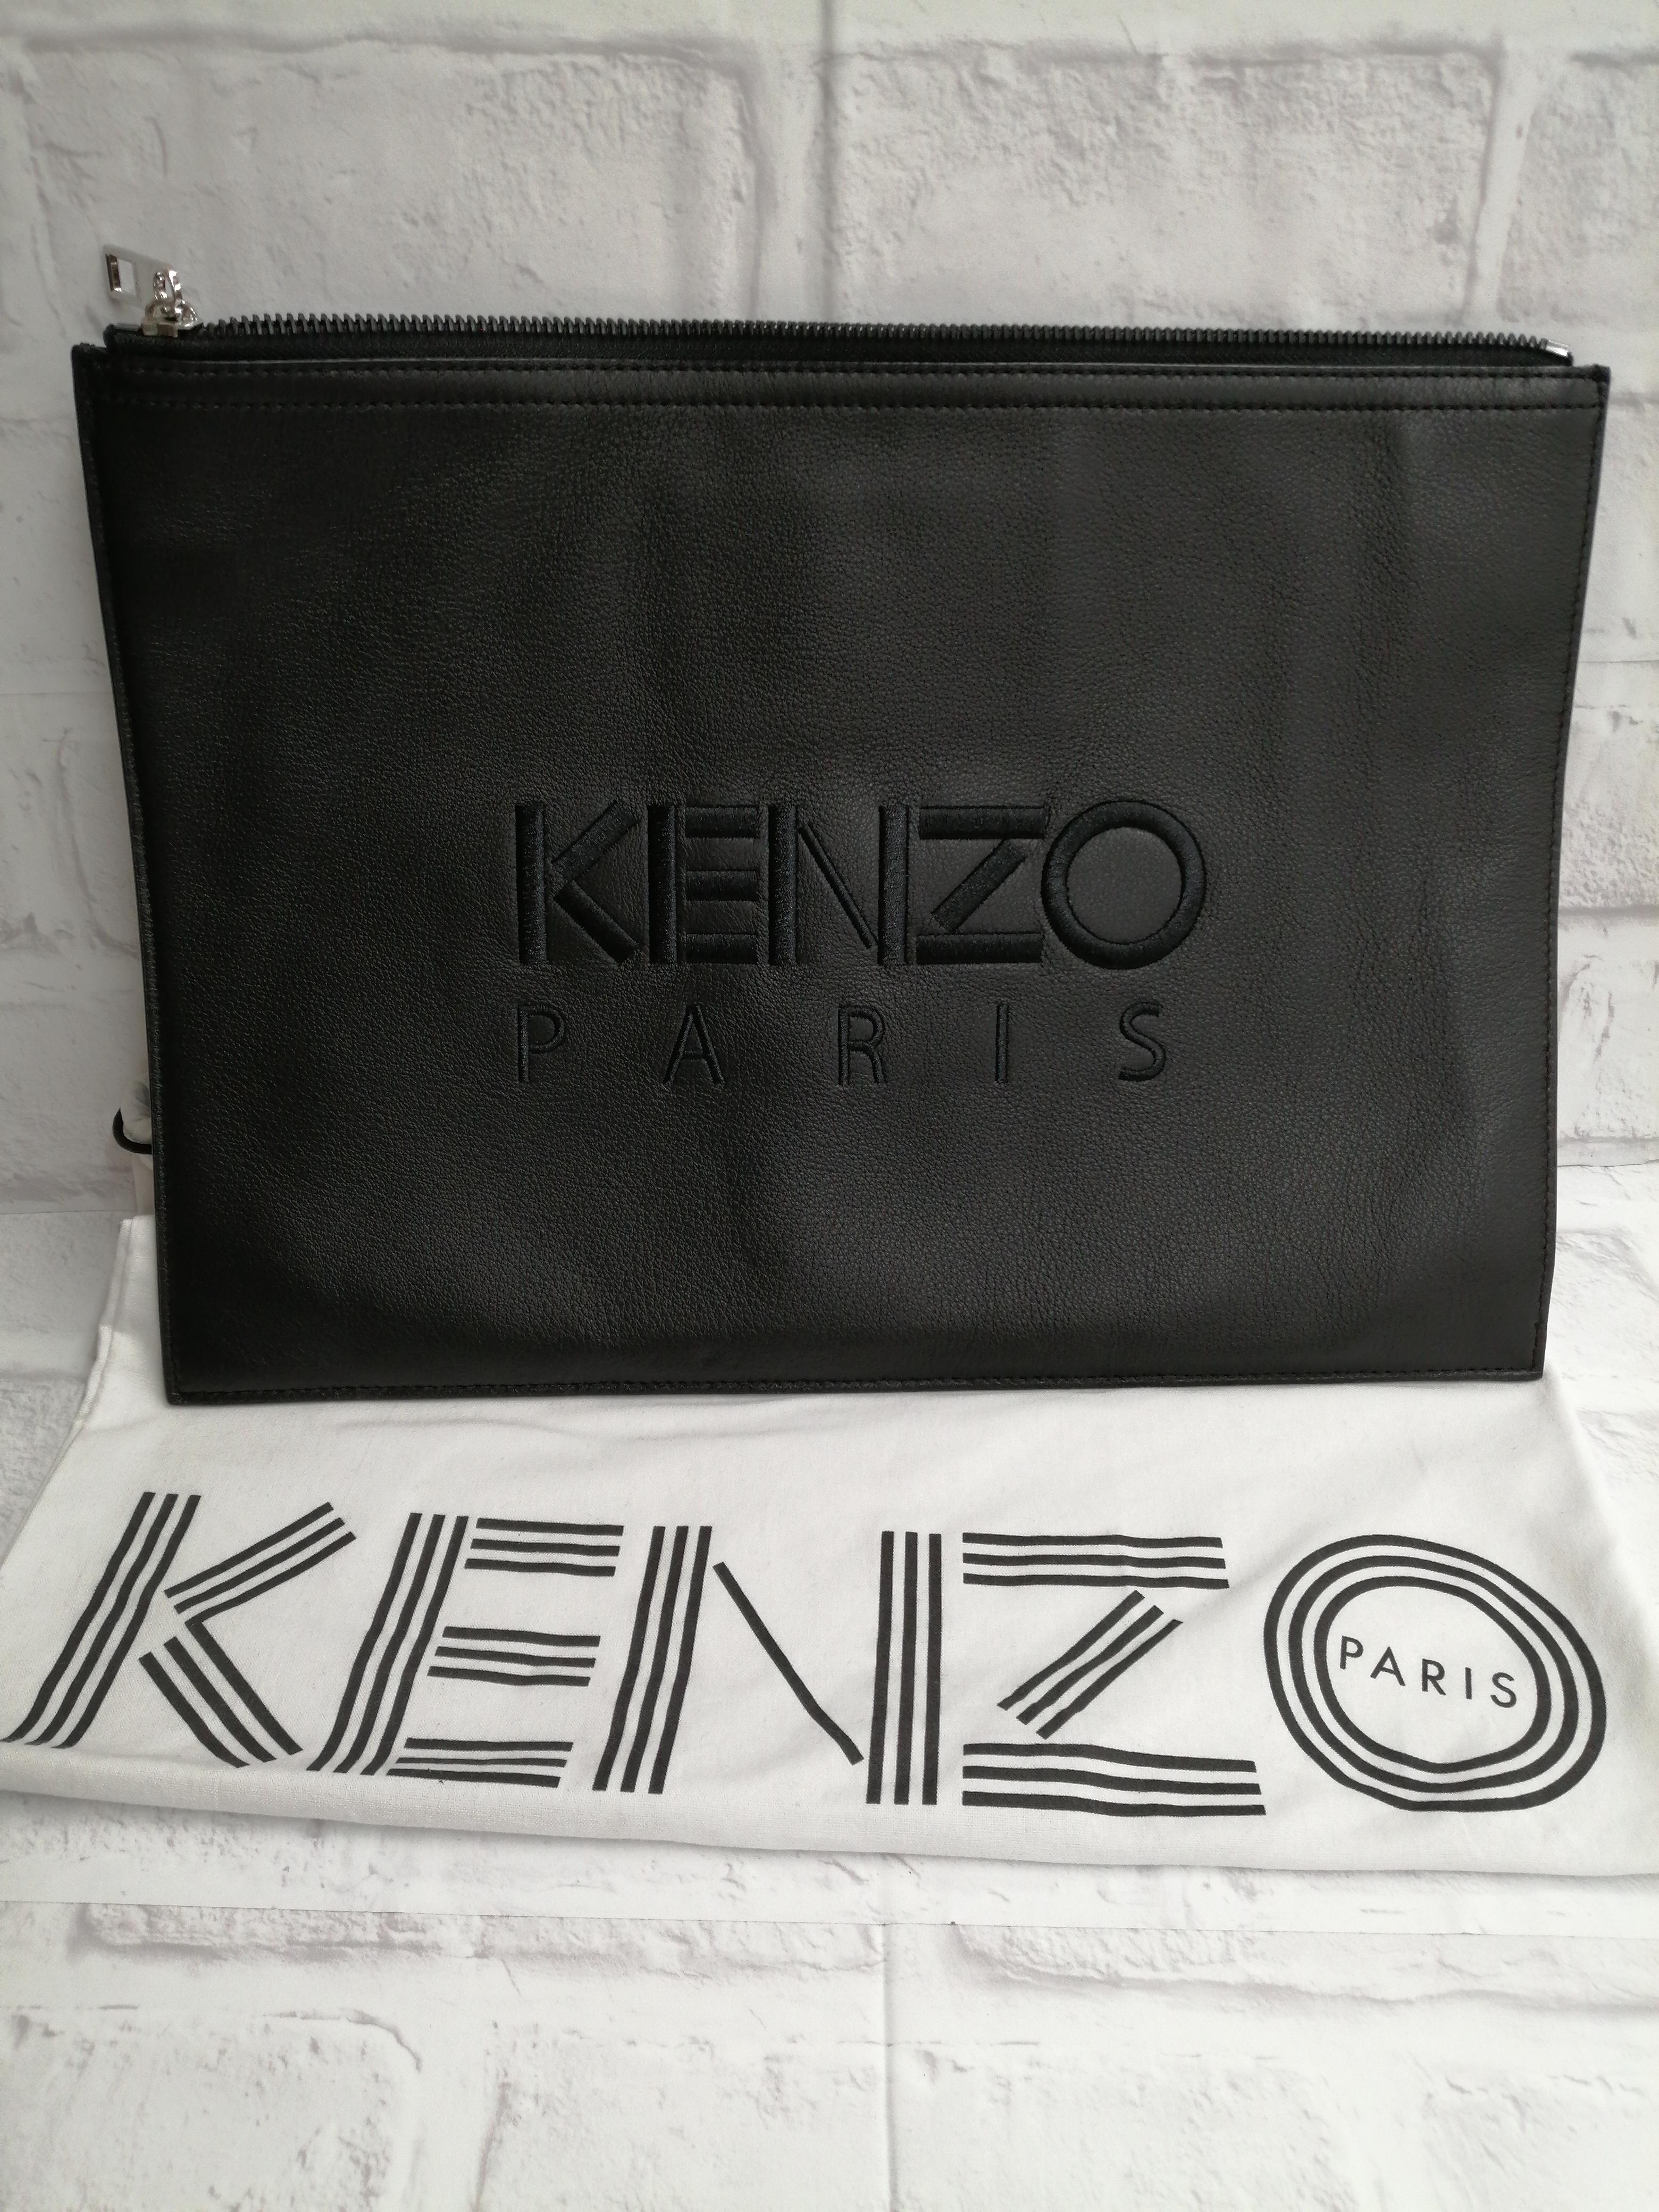 ケンゾー クラッチ|KENZO